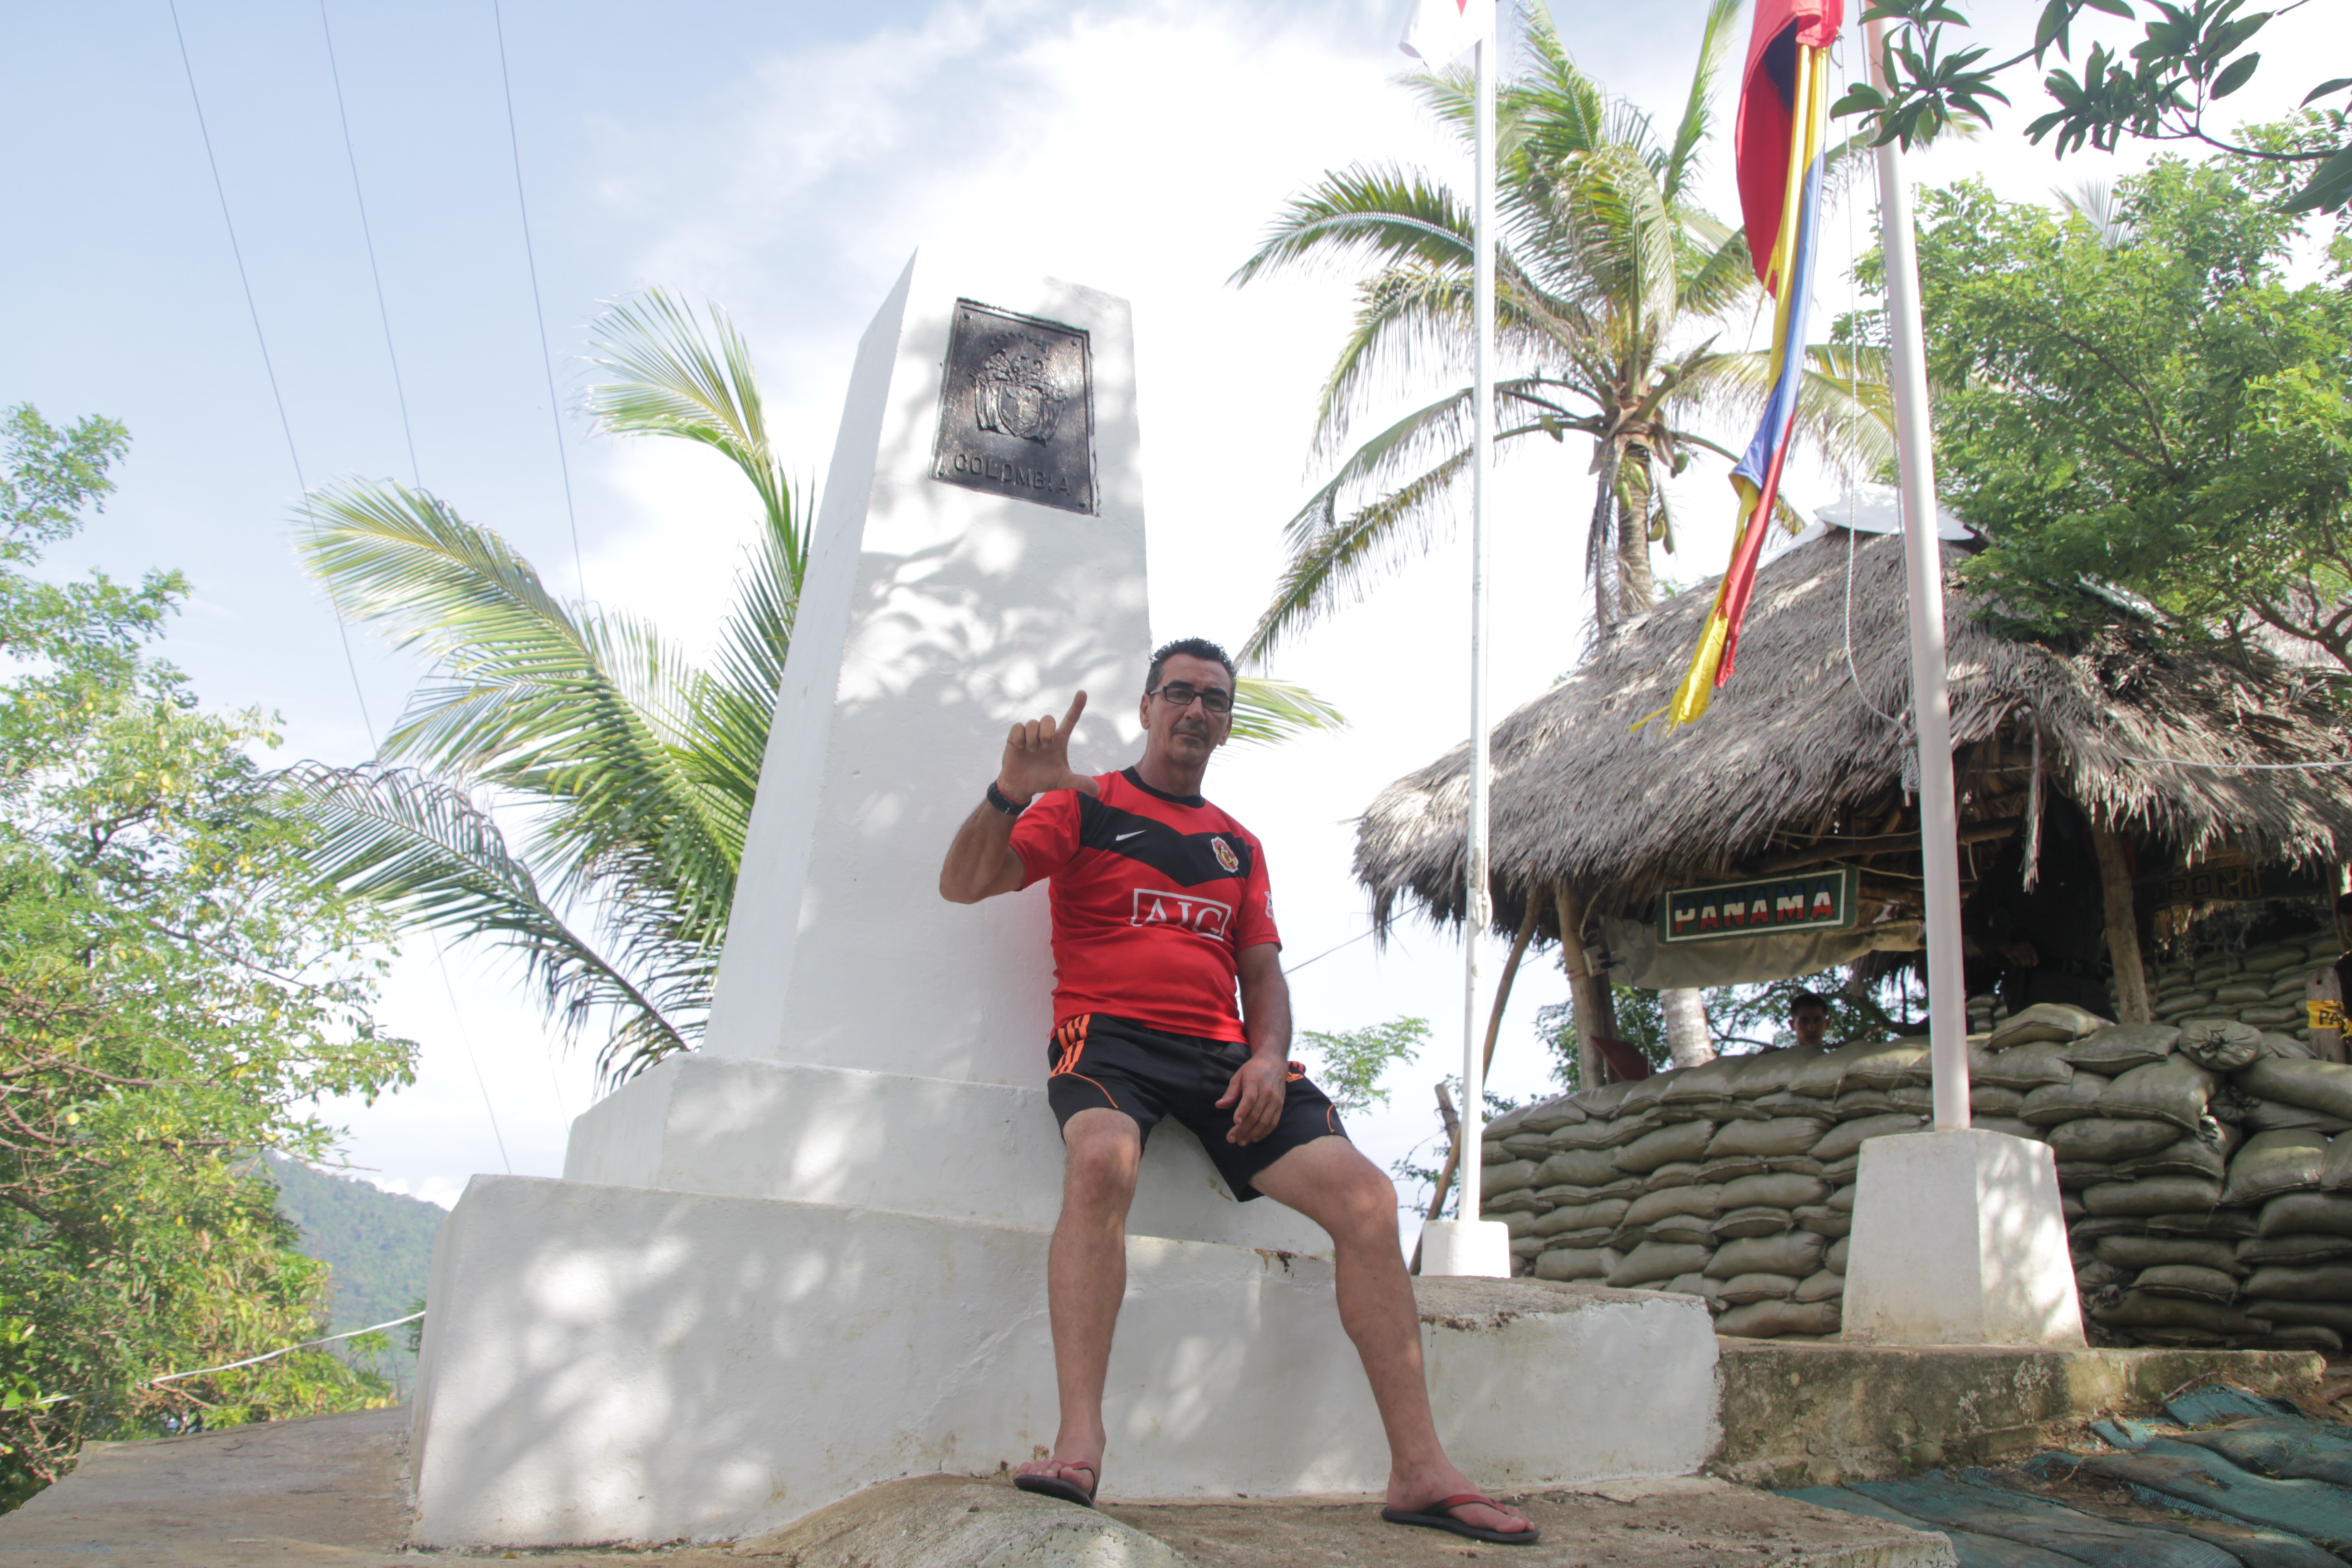 Ubernel à la frontière avec le Panama. Il ne peut pas passer de l'autre côté (© Jérôme Decoster).